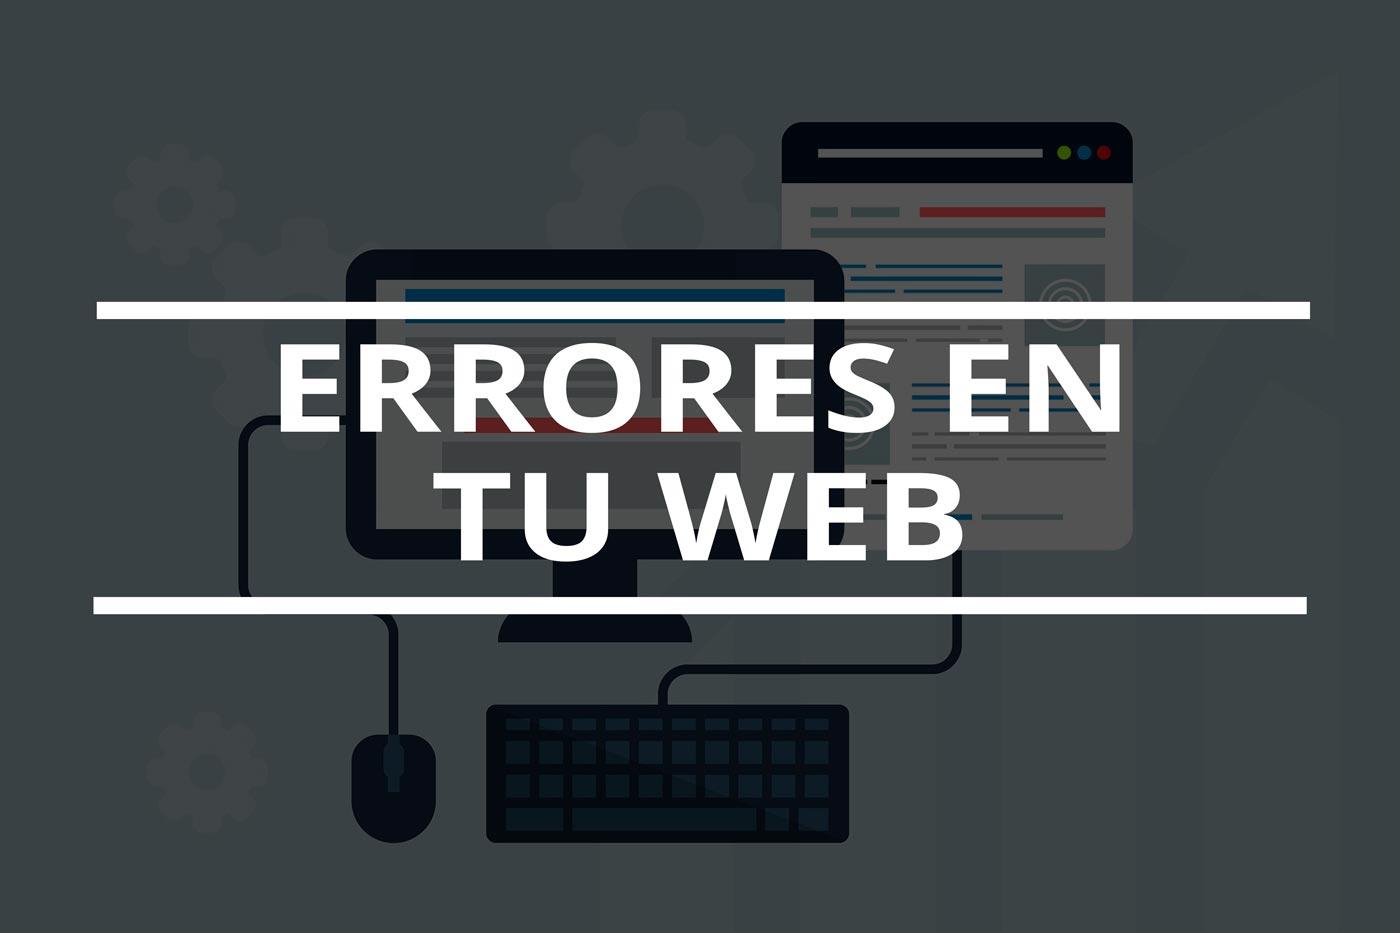 errores-en-tu-página-web-de-fotografía